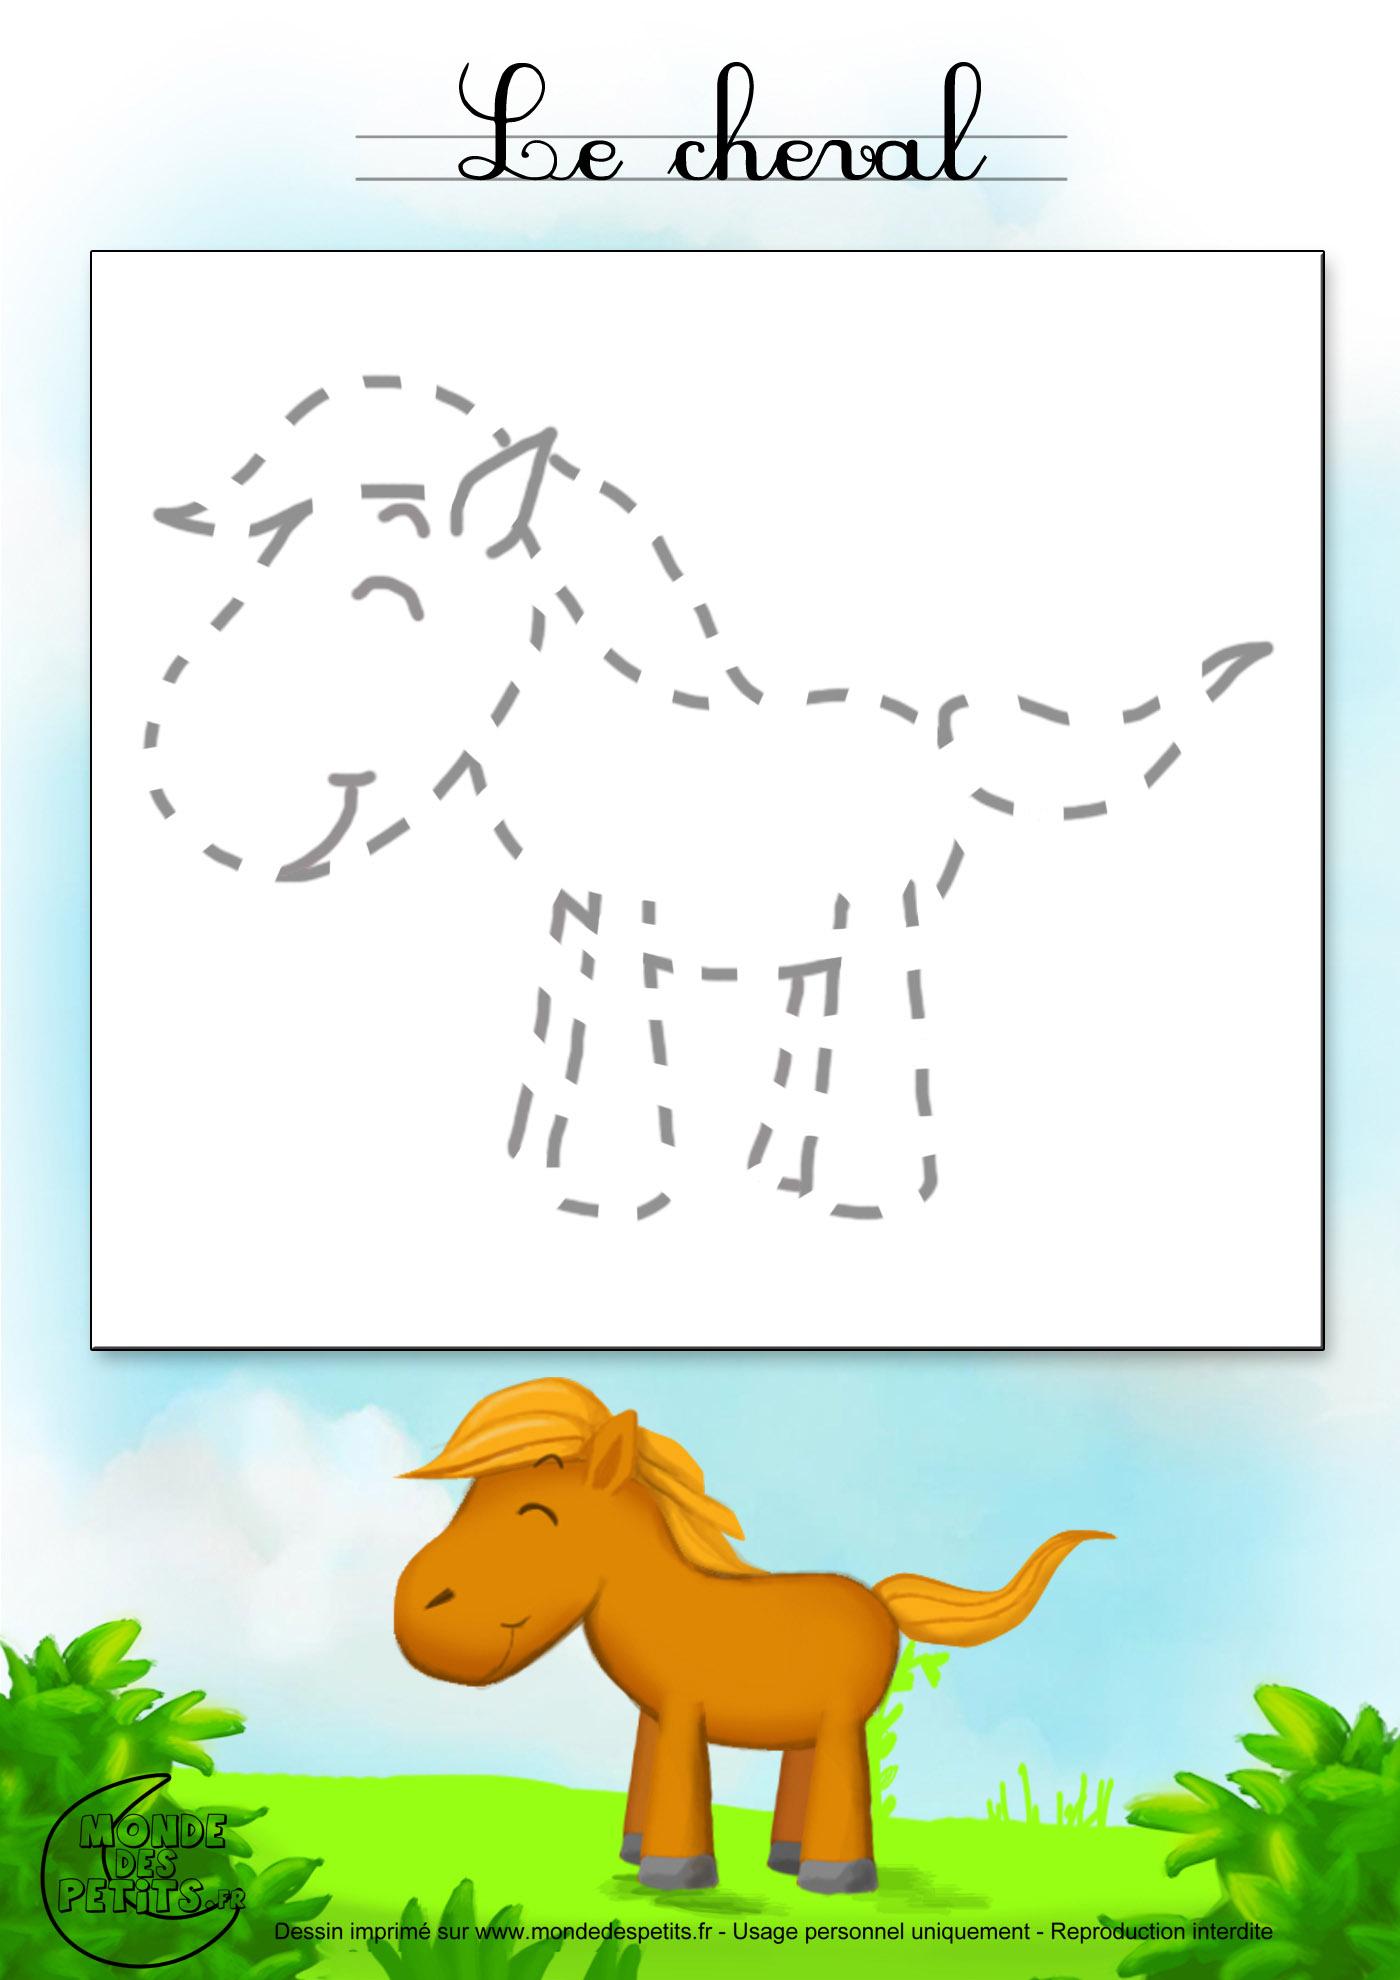 Monde des petits tutoriel vid o - Dessiner des animaux ...